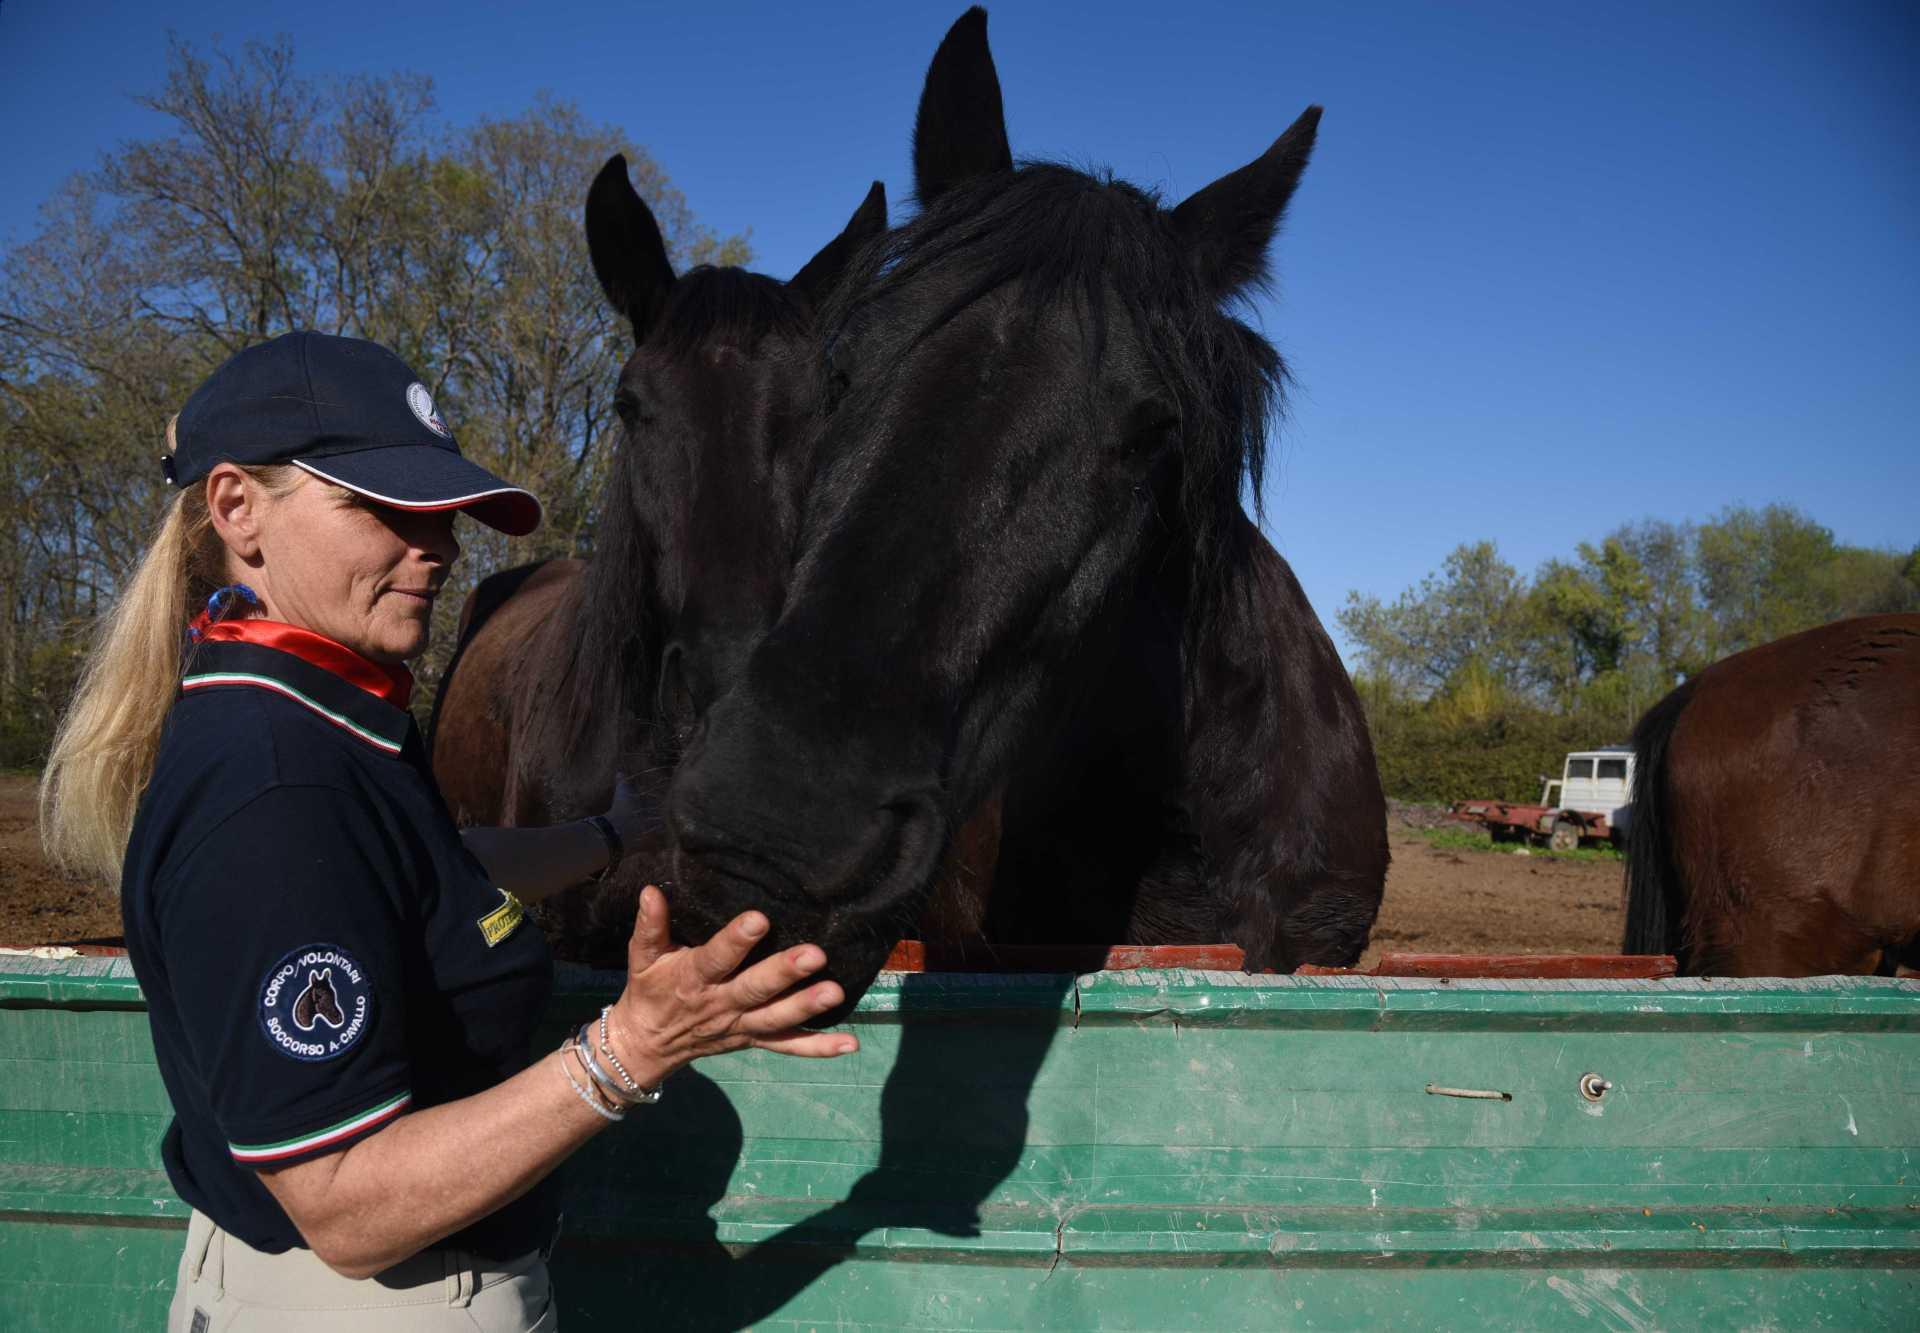 Appello della Protezione Civile a cavallo:cerchiamo una nuova sede